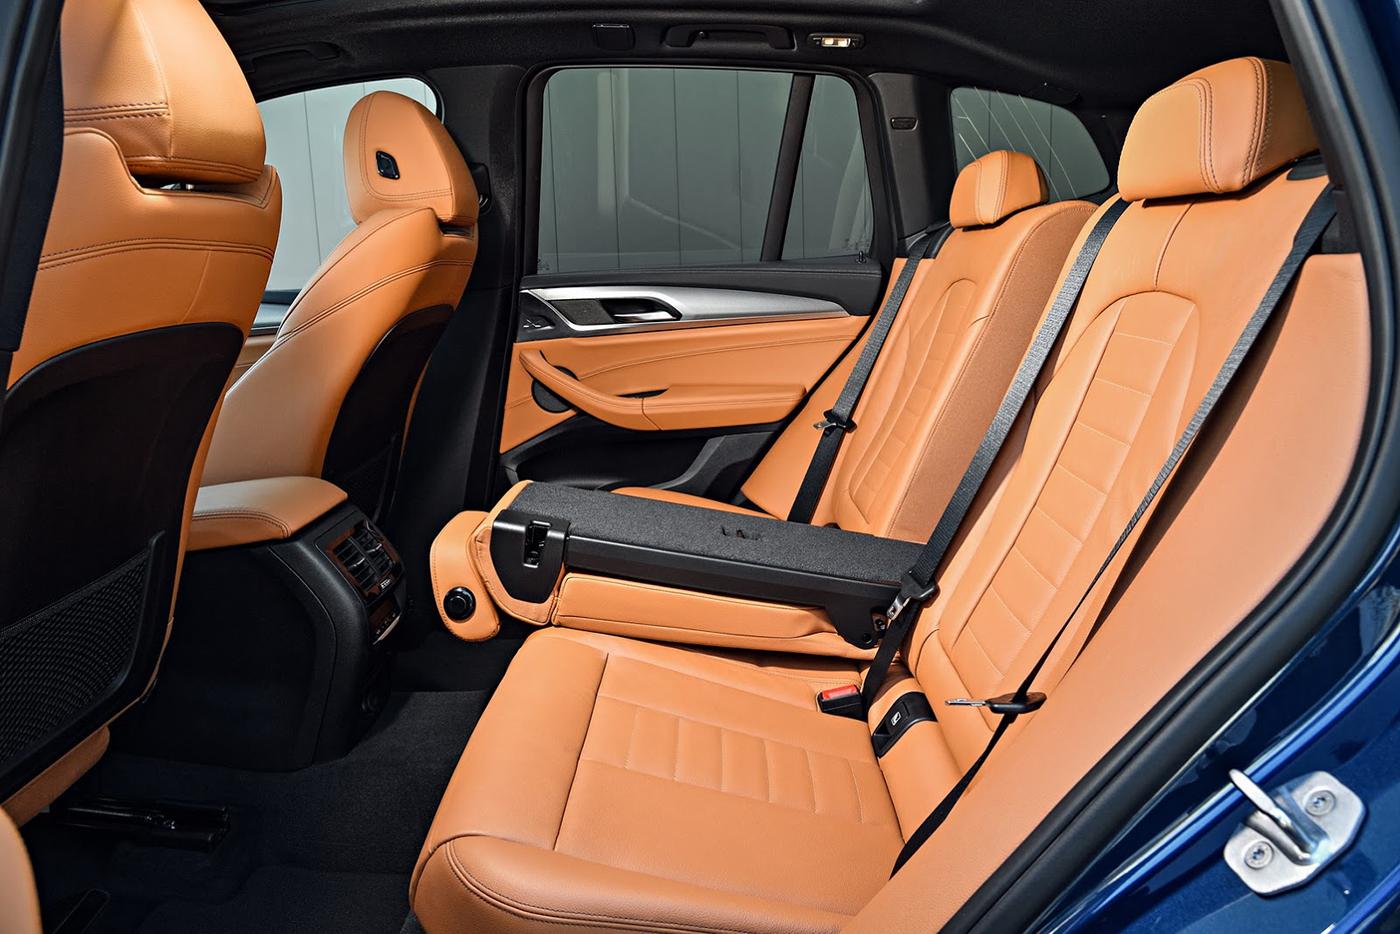 Nội thất BMW X3- Mẫu Xe 5 Chỗ BMW X3 Đời Mới 2019-2020 Ra Mắt Việt Nam Bao Nhiêu, CHÍNH THỨC RA MẮT, GIÁ XE BMW X5 ĐỜI MỚI NHẤT 2019 BAO NHIÊU TIỀN, KHI NÀO BMW X3 VỀ VIỆT NAM, GIÁ XE BMW 5 CHỖ GẦM CAO SUV X3 320I